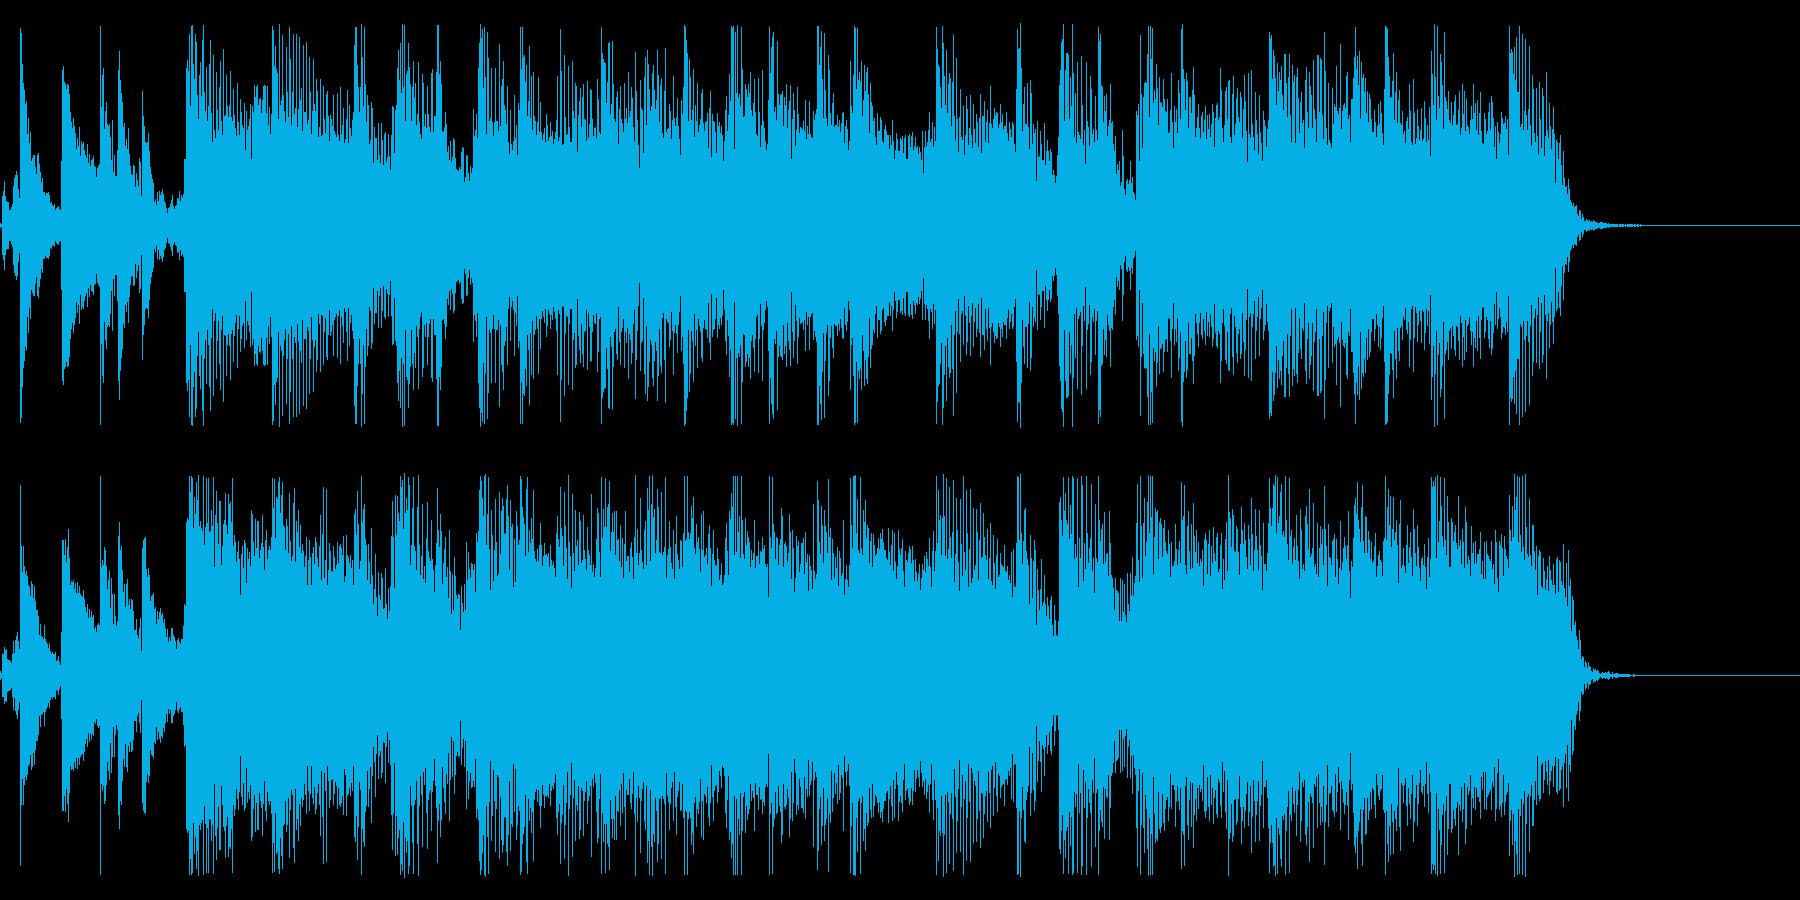 【気分一新2】の再生済みの波形